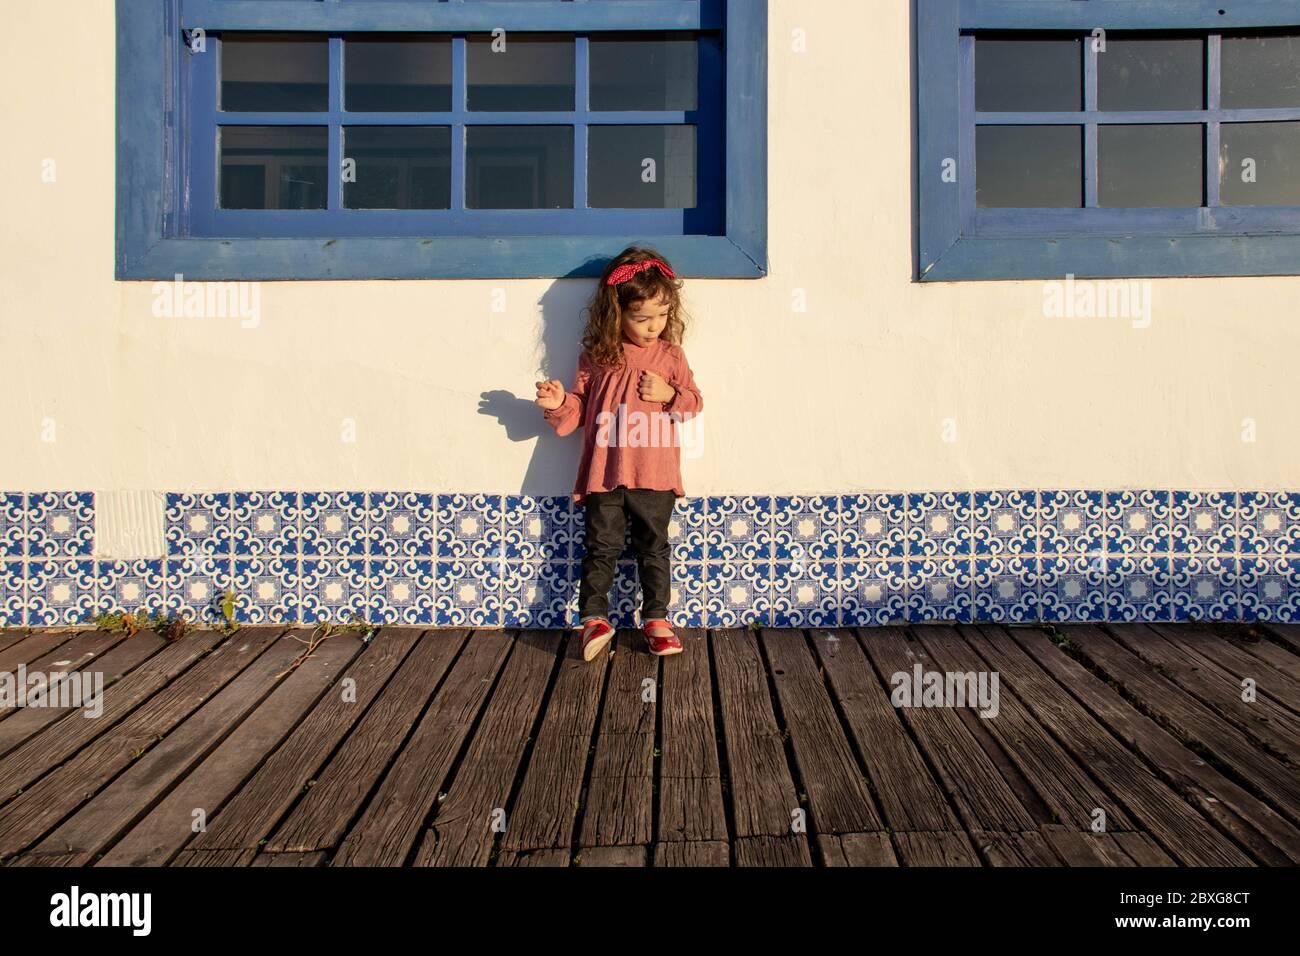 Girl standing on a wooden boardwalk, Armacao dos Buzios, Rio de Janeiro, Brazil Stock Photo